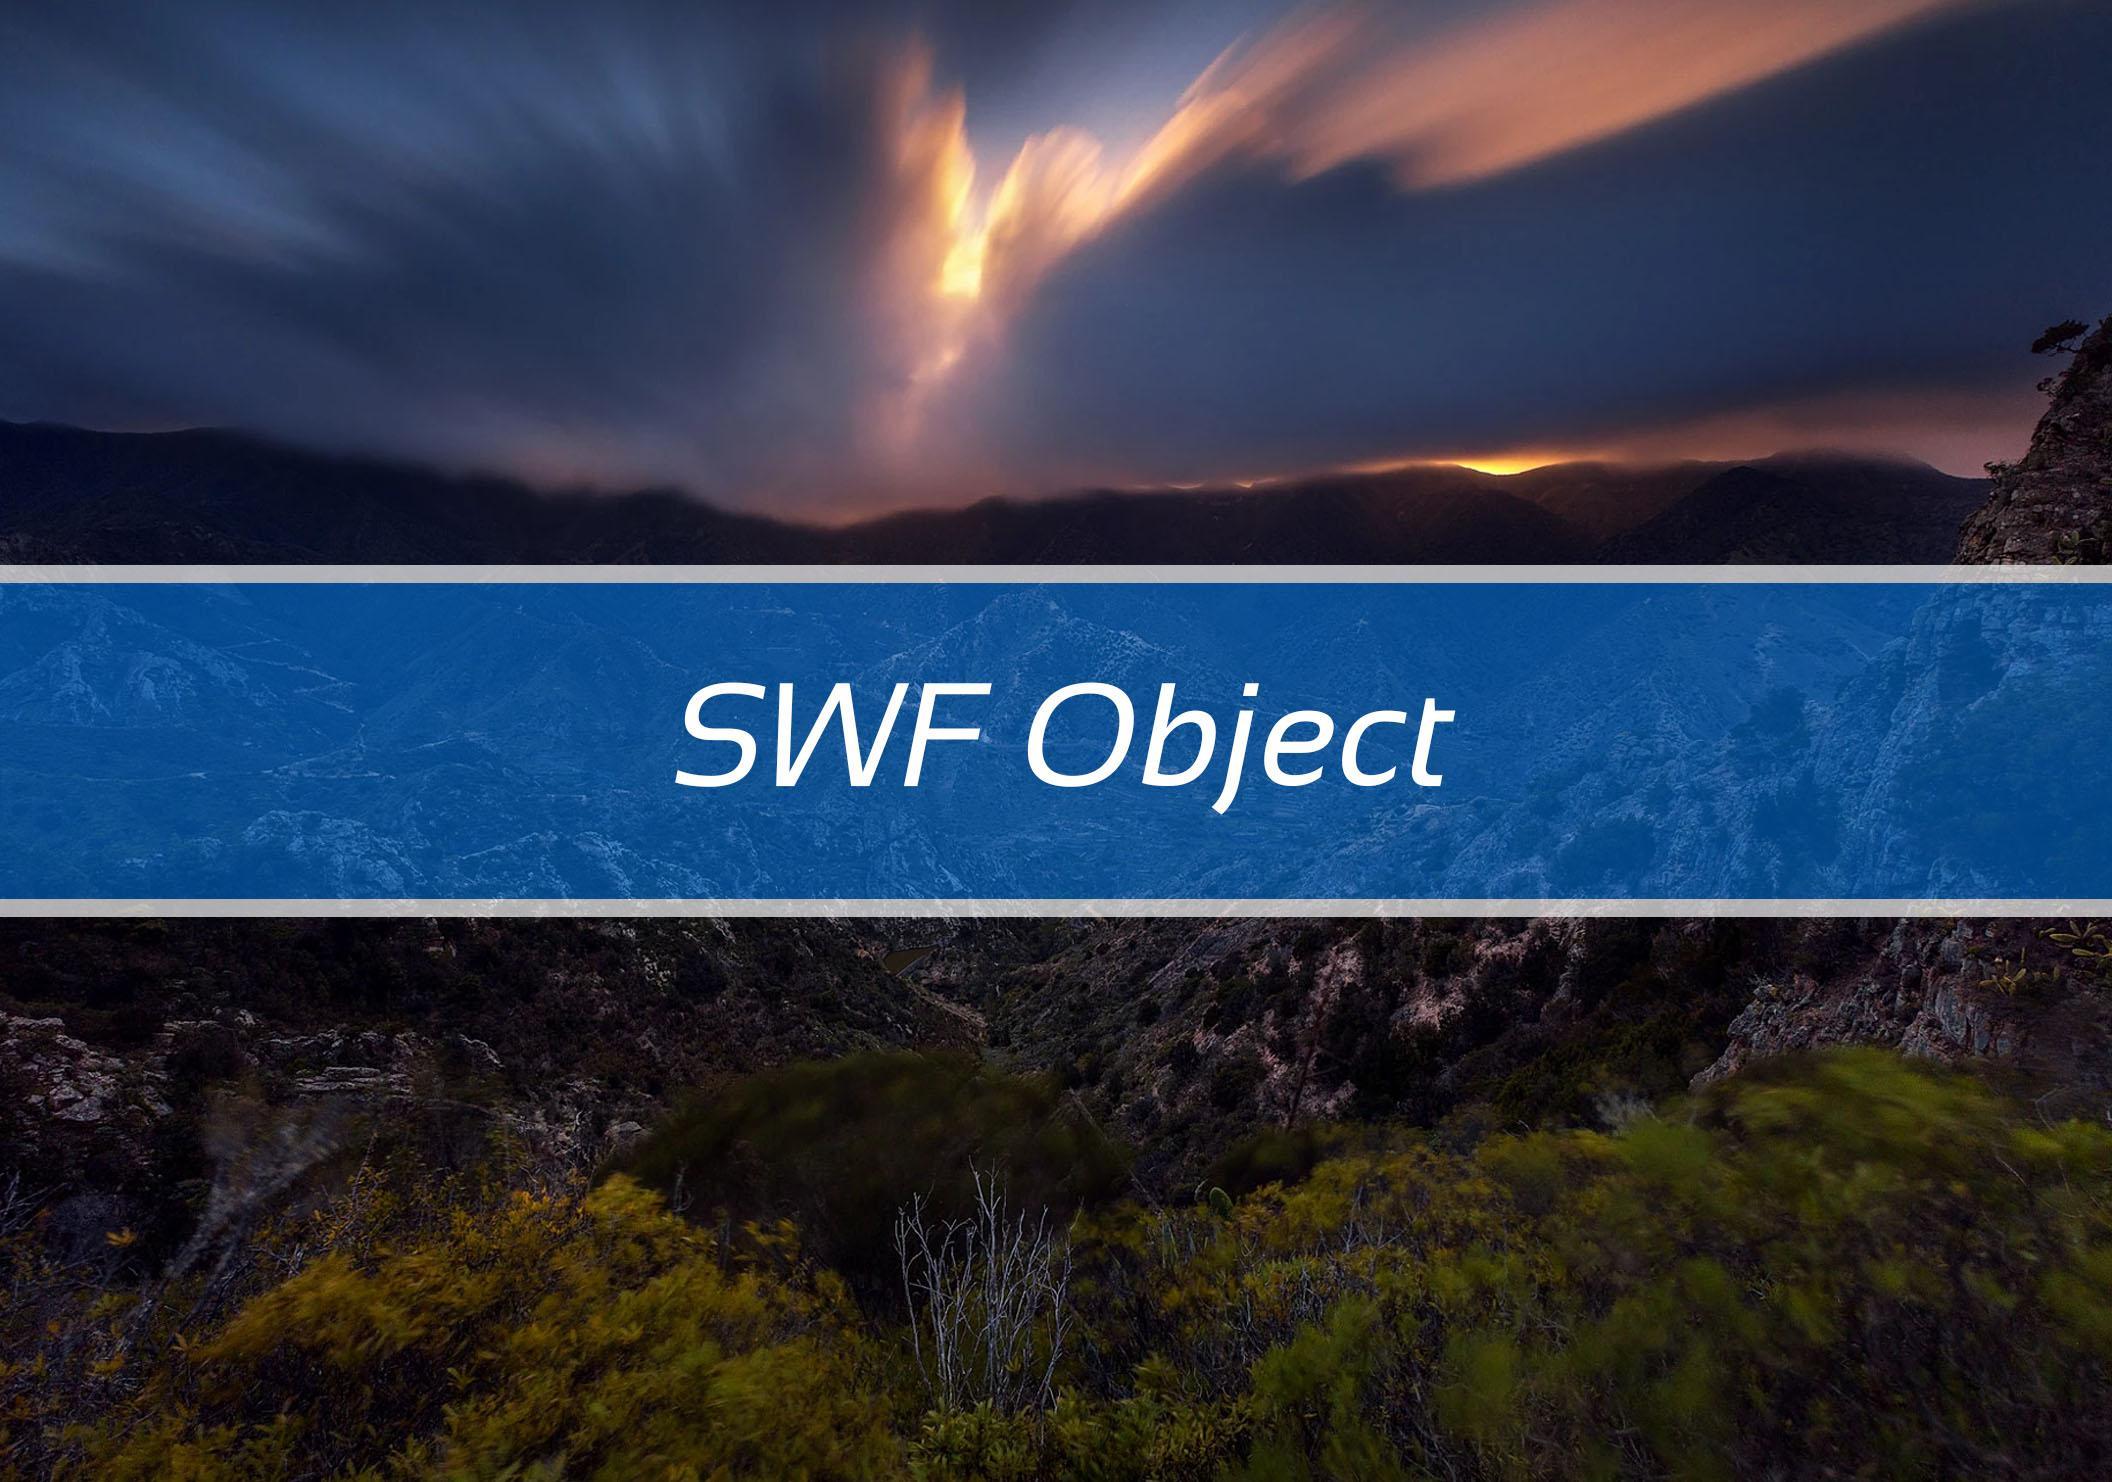 SWF Object